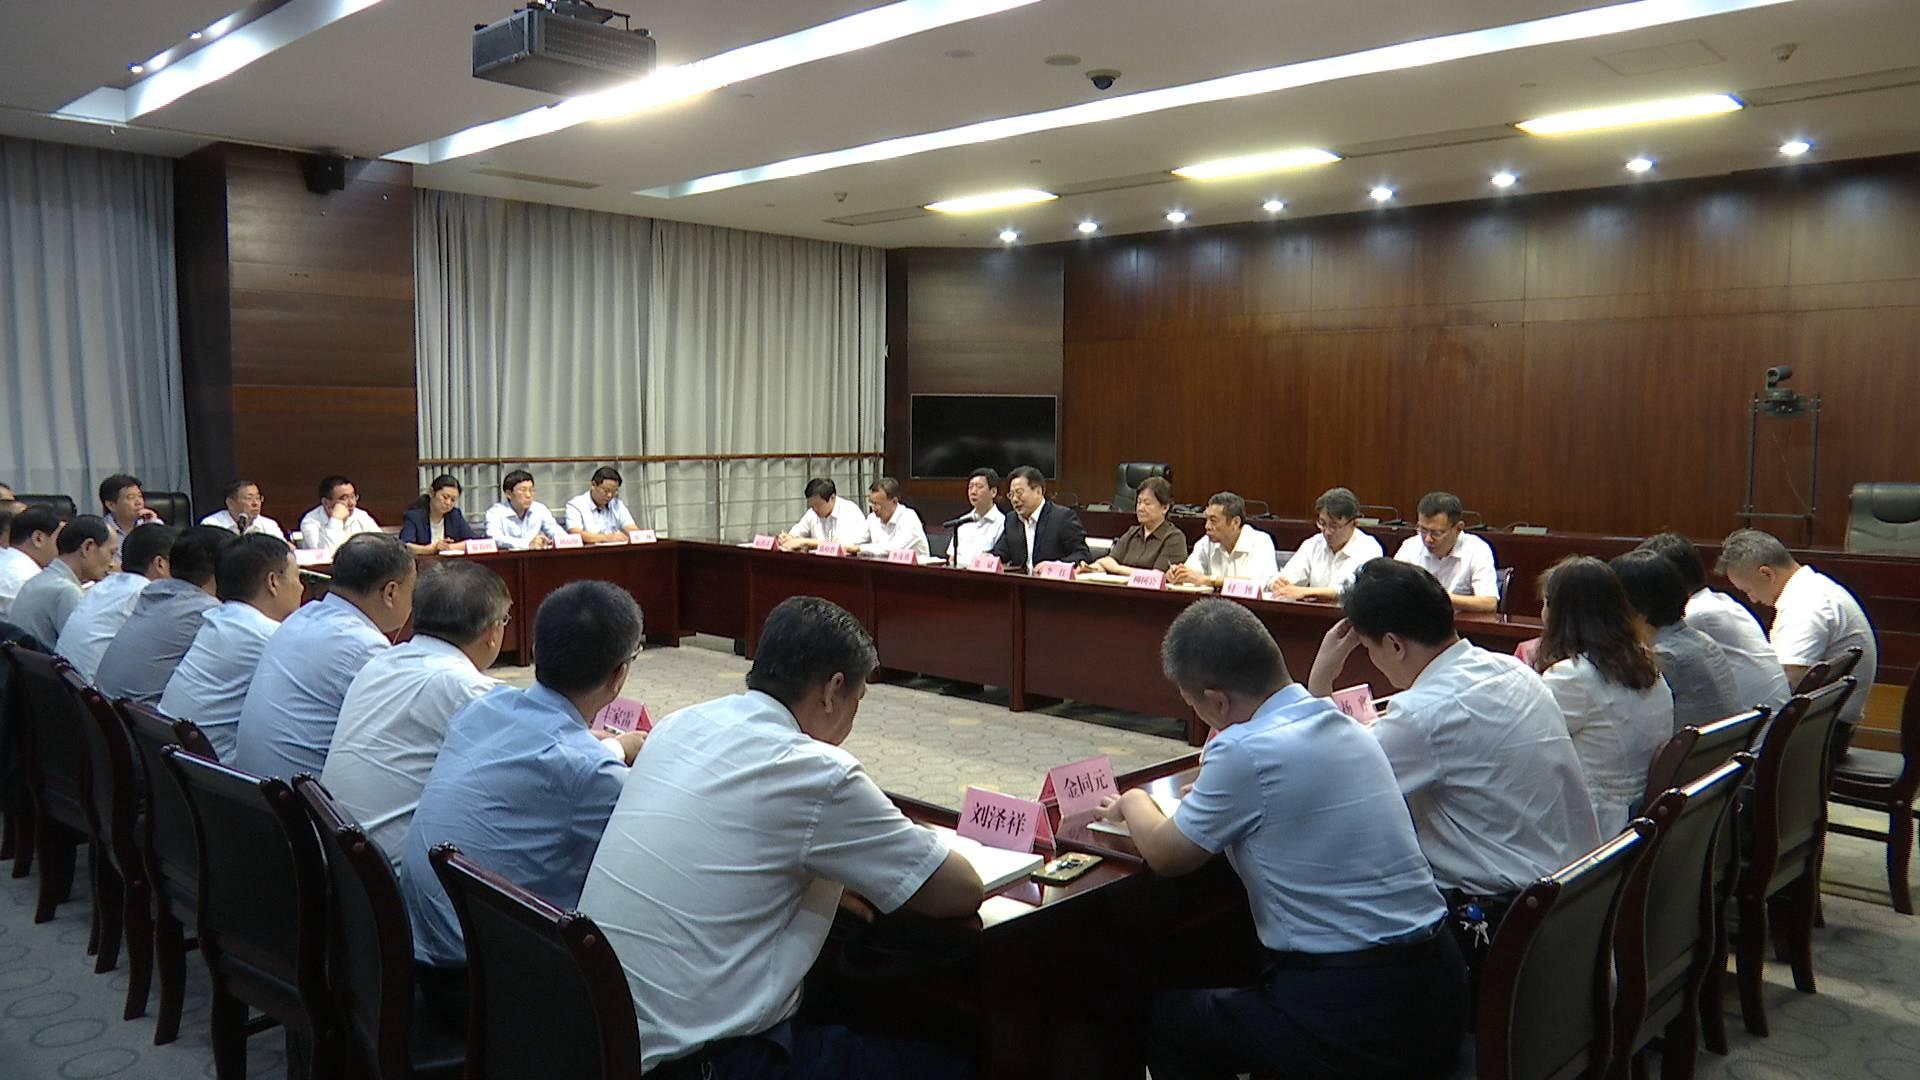 山东省国资委立即召开会议部署  《问政山东·回头看》曝光问题整改工作